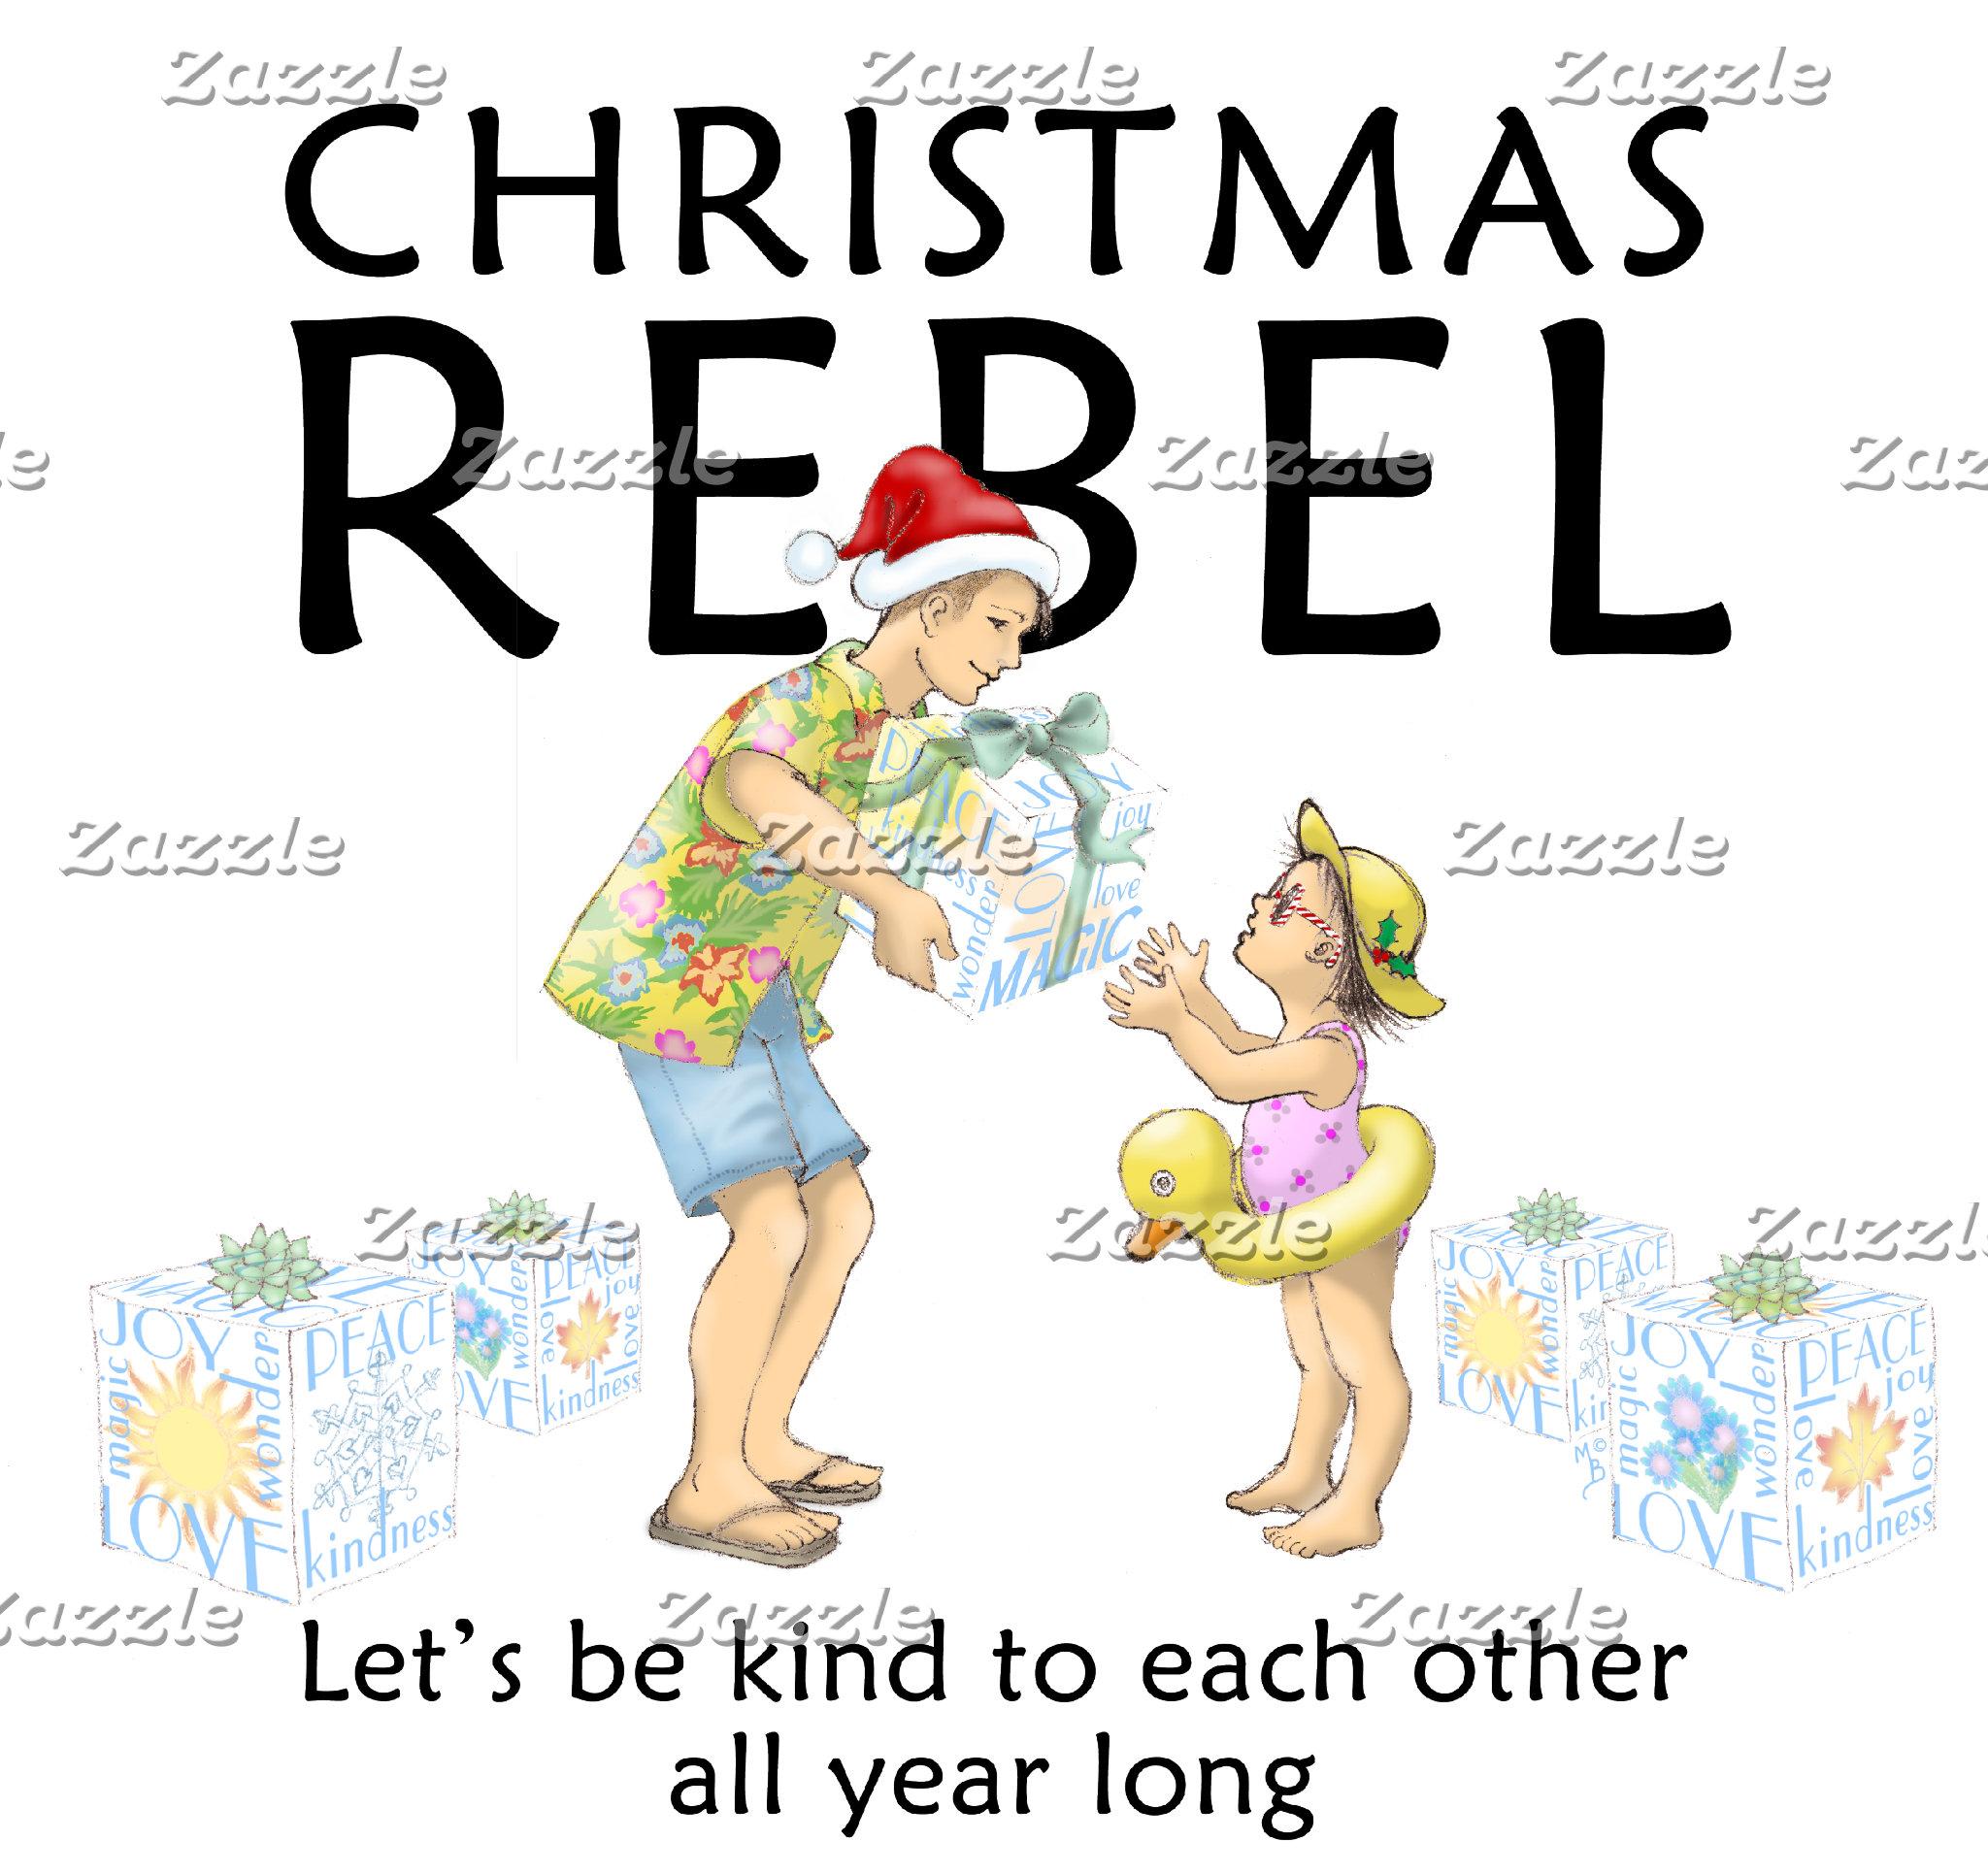 Christmas Rebel